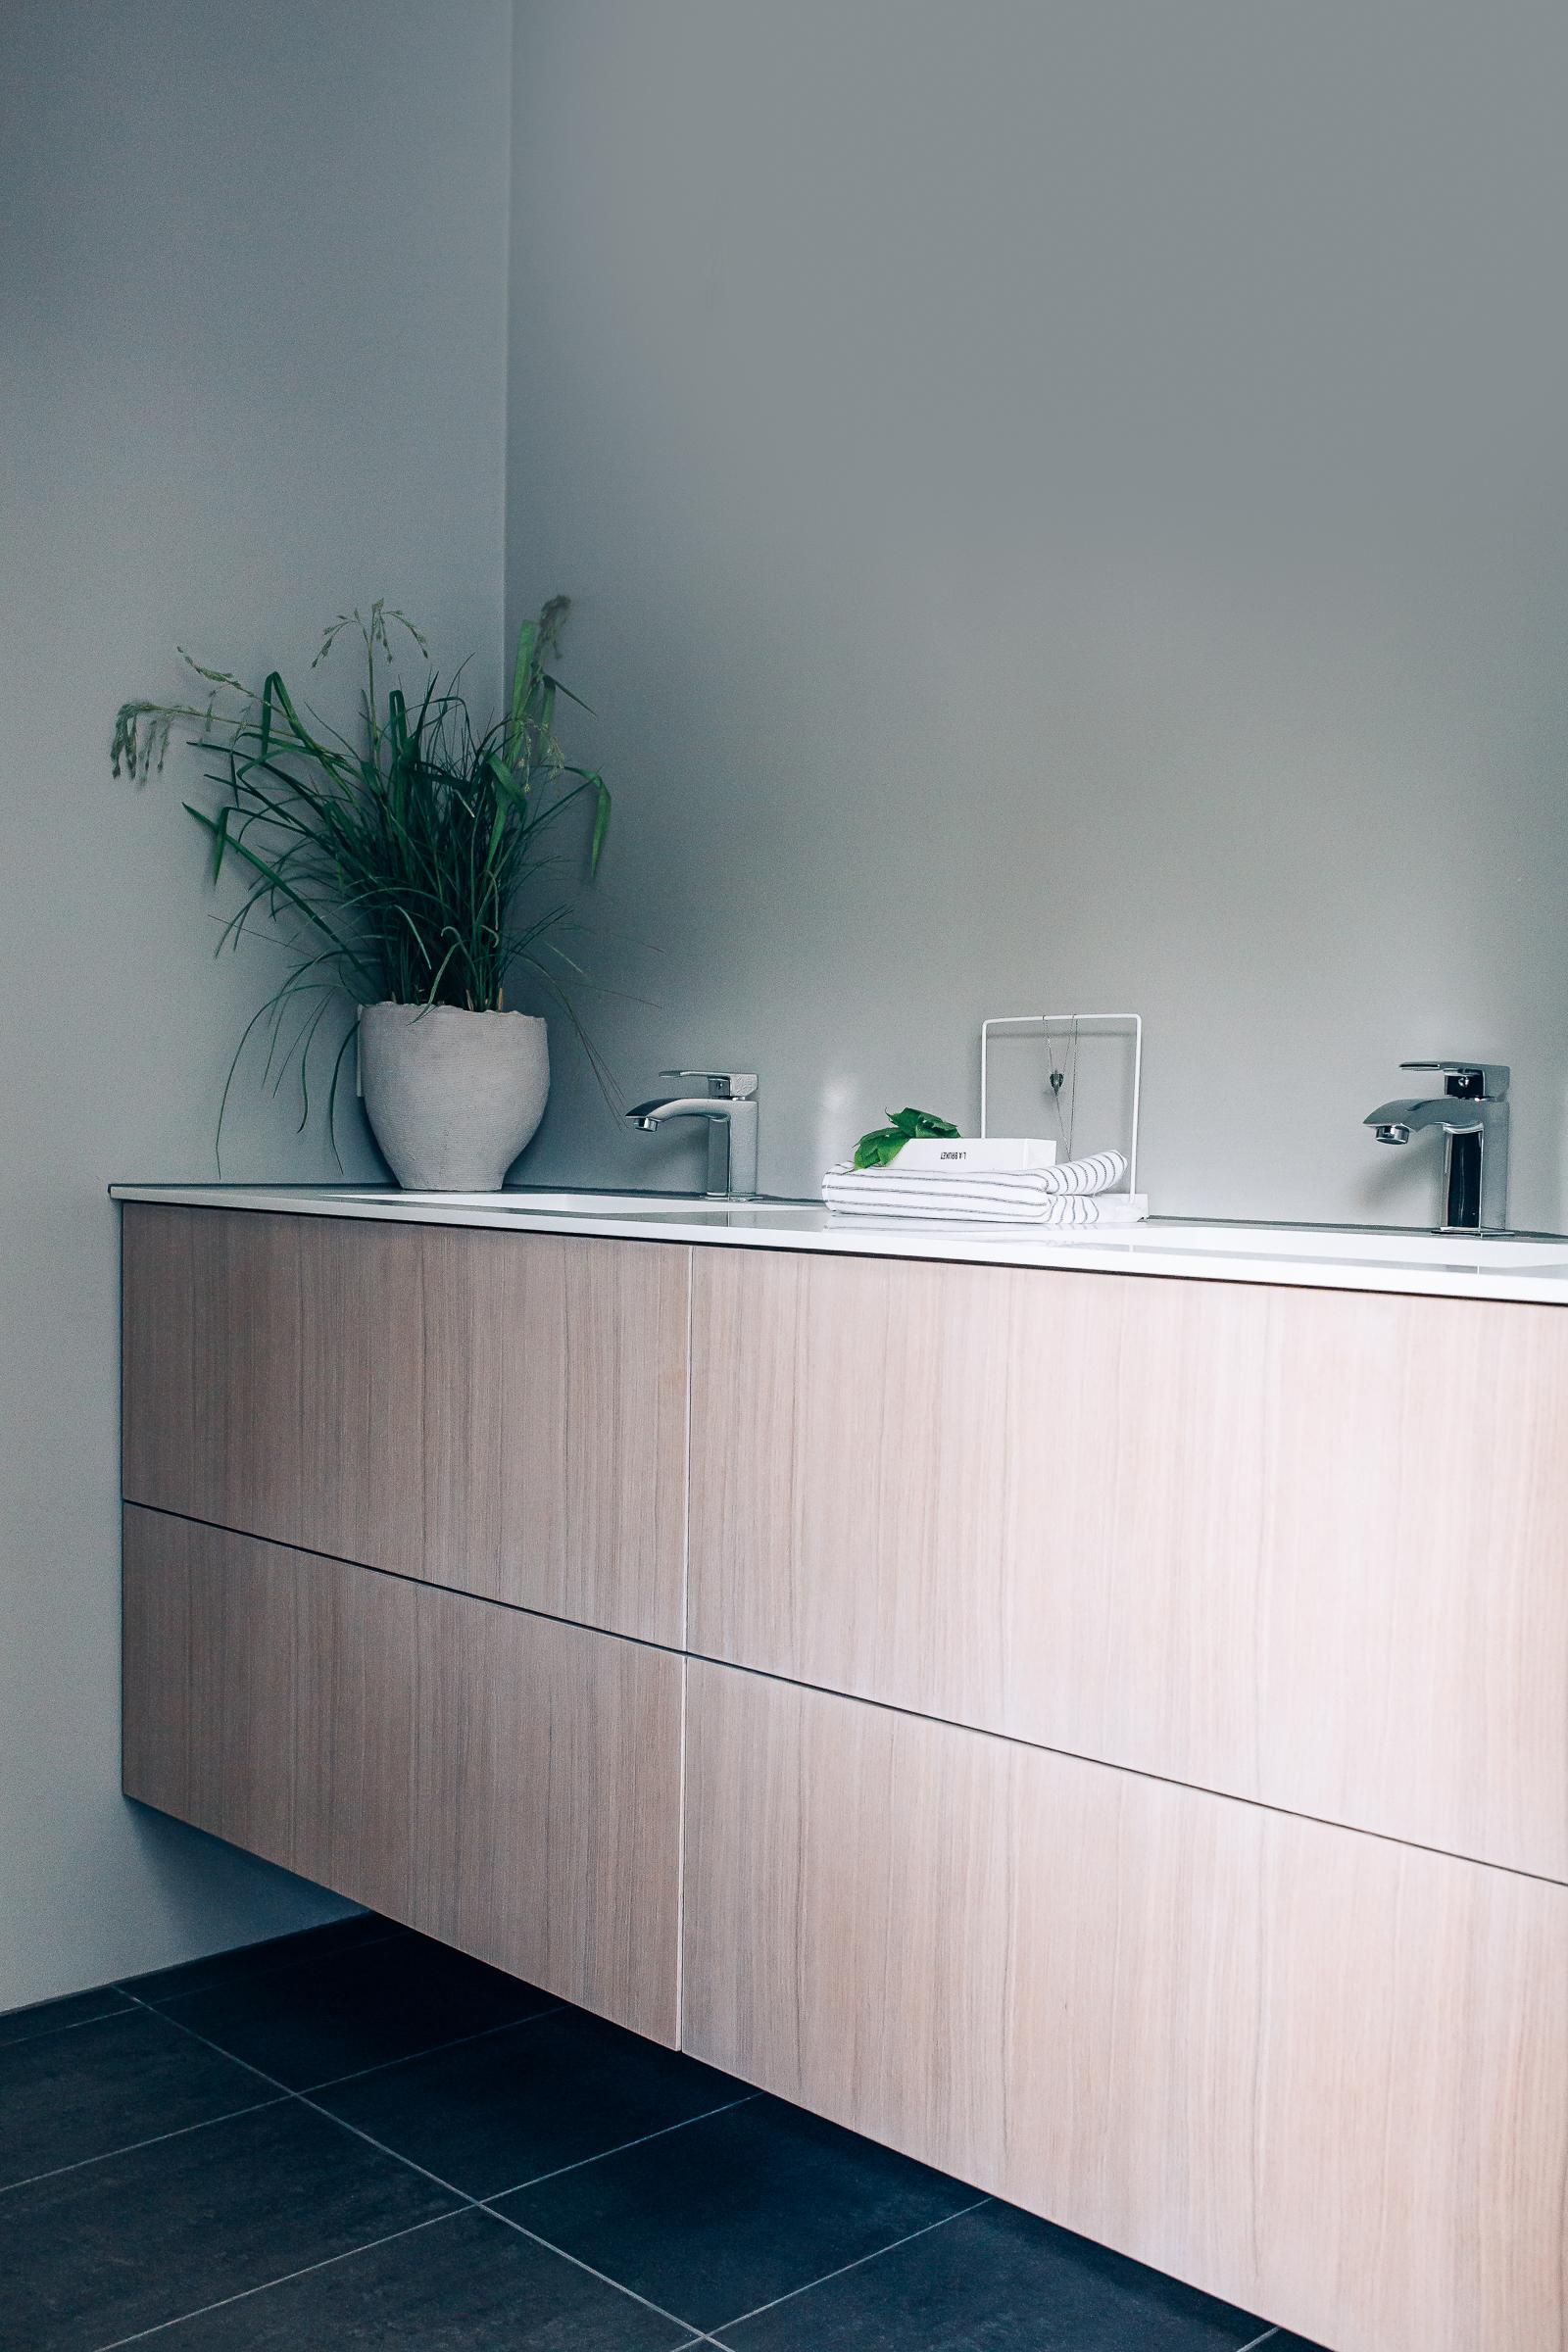 Baderomsmøbelet er tilpasset rommet etter eksakte mål.